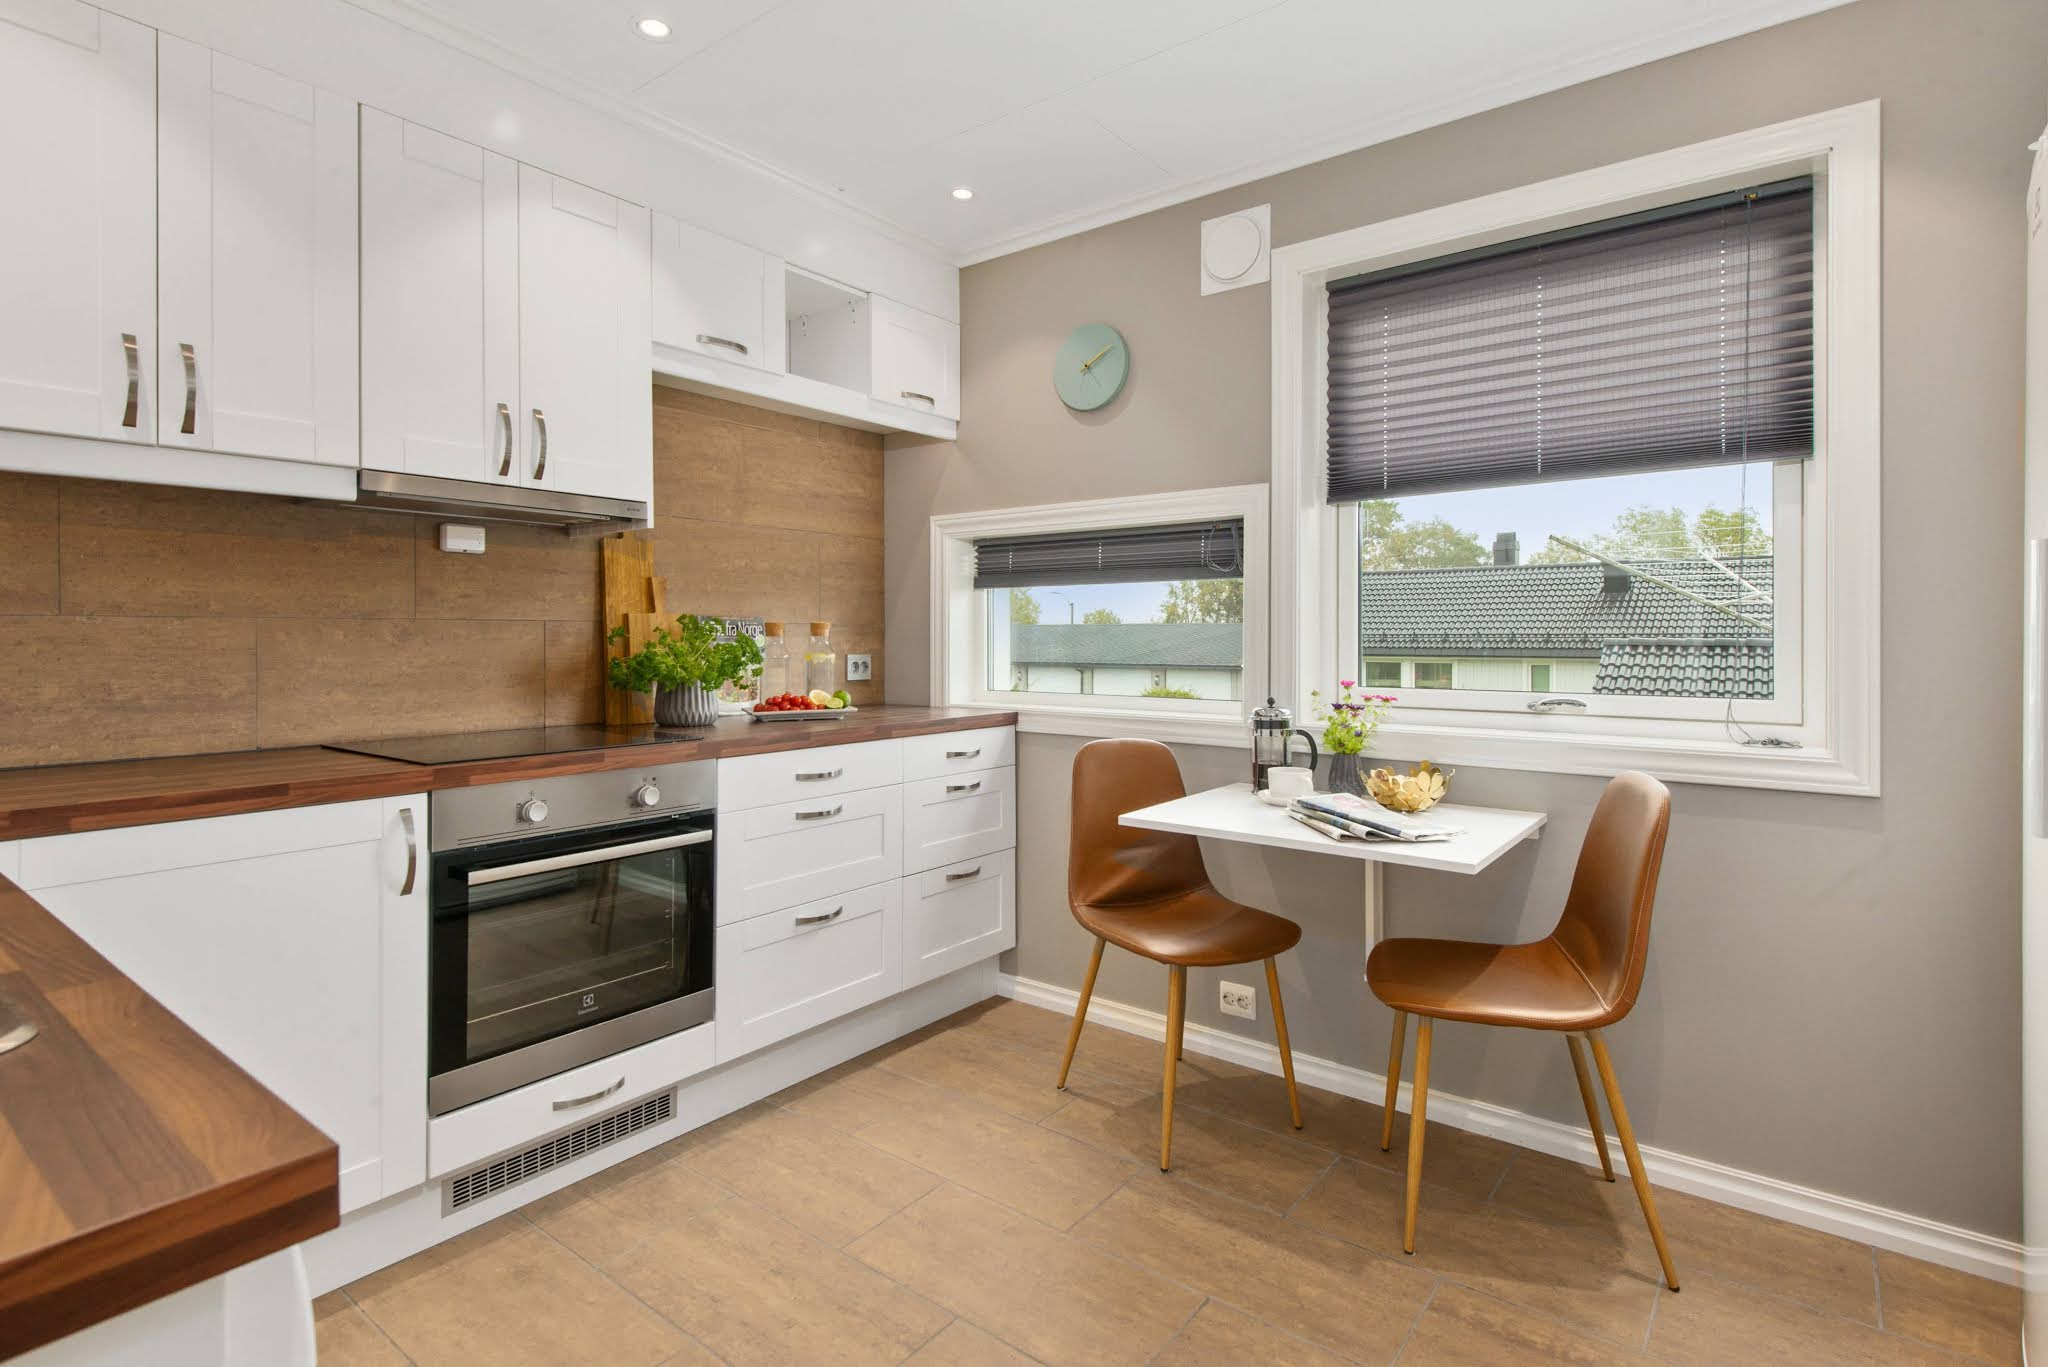 10+ Model Desain Meja Dapur Minimalis Modern Terbaru 2020 ...